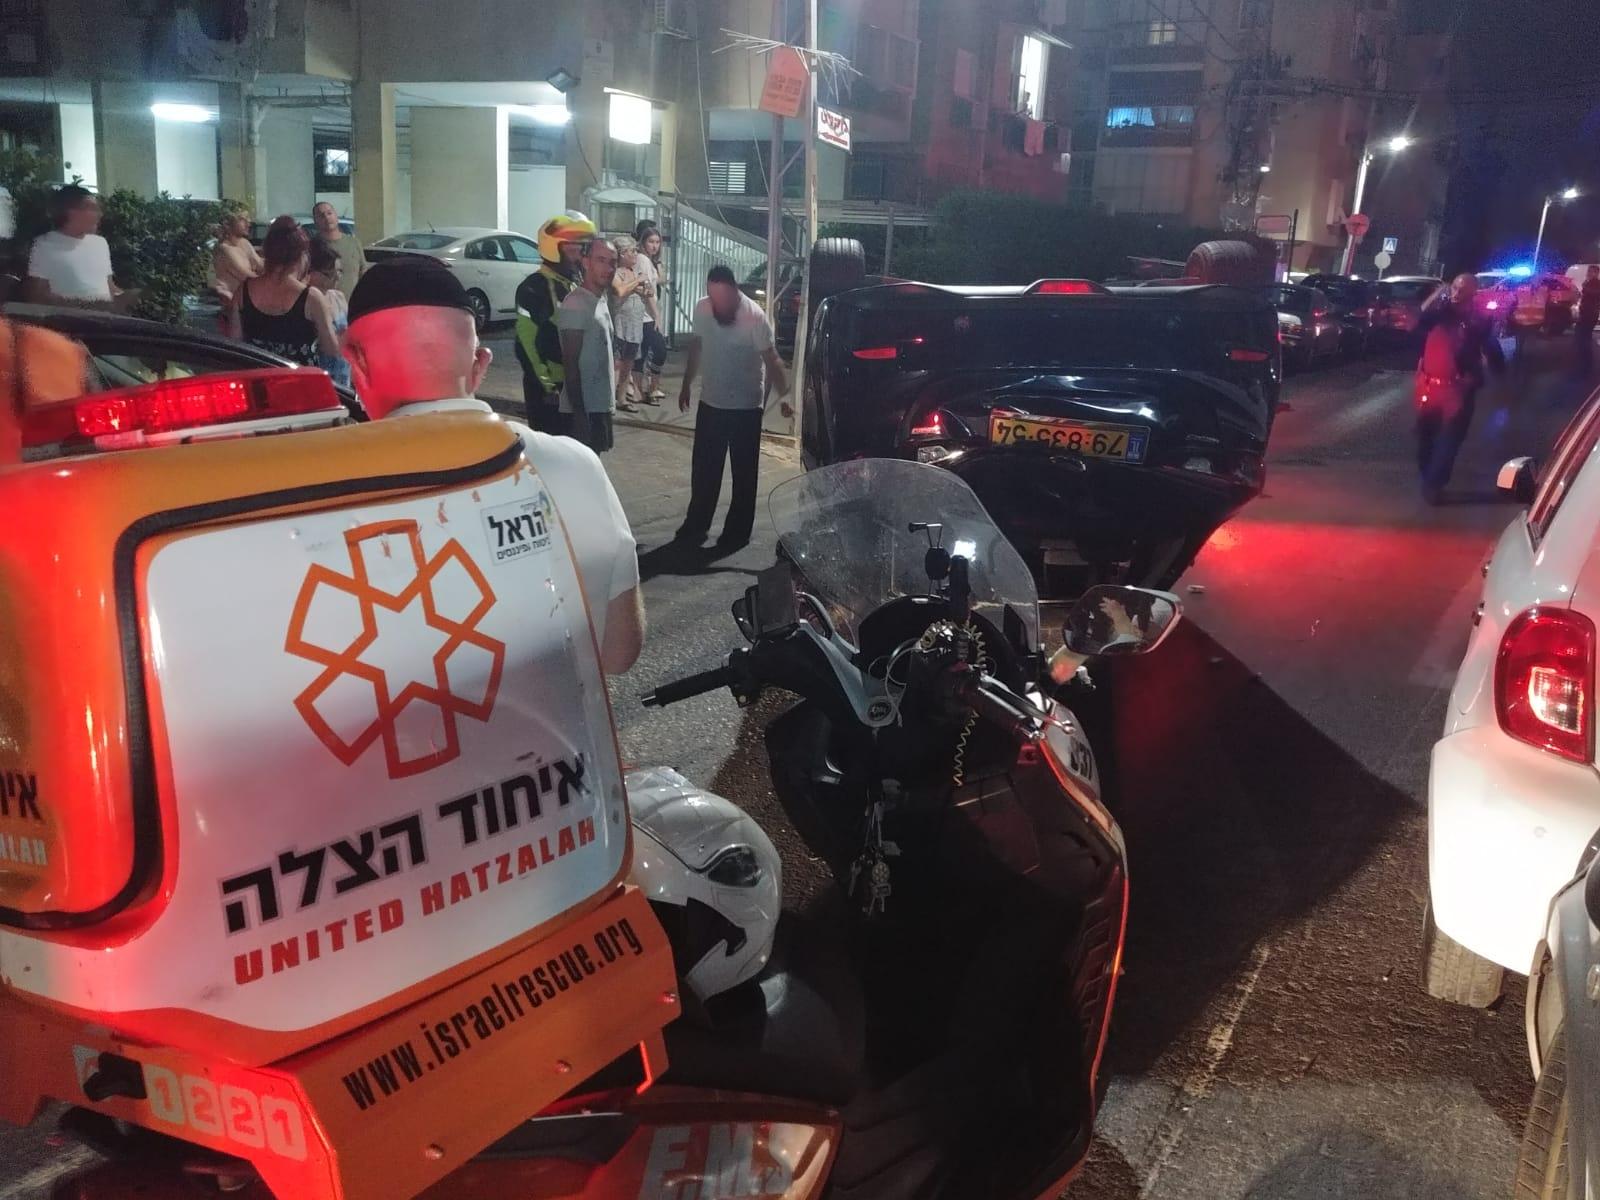 תאונה ברחוב משה שרת. צילום: דוברות איחוד הצלה